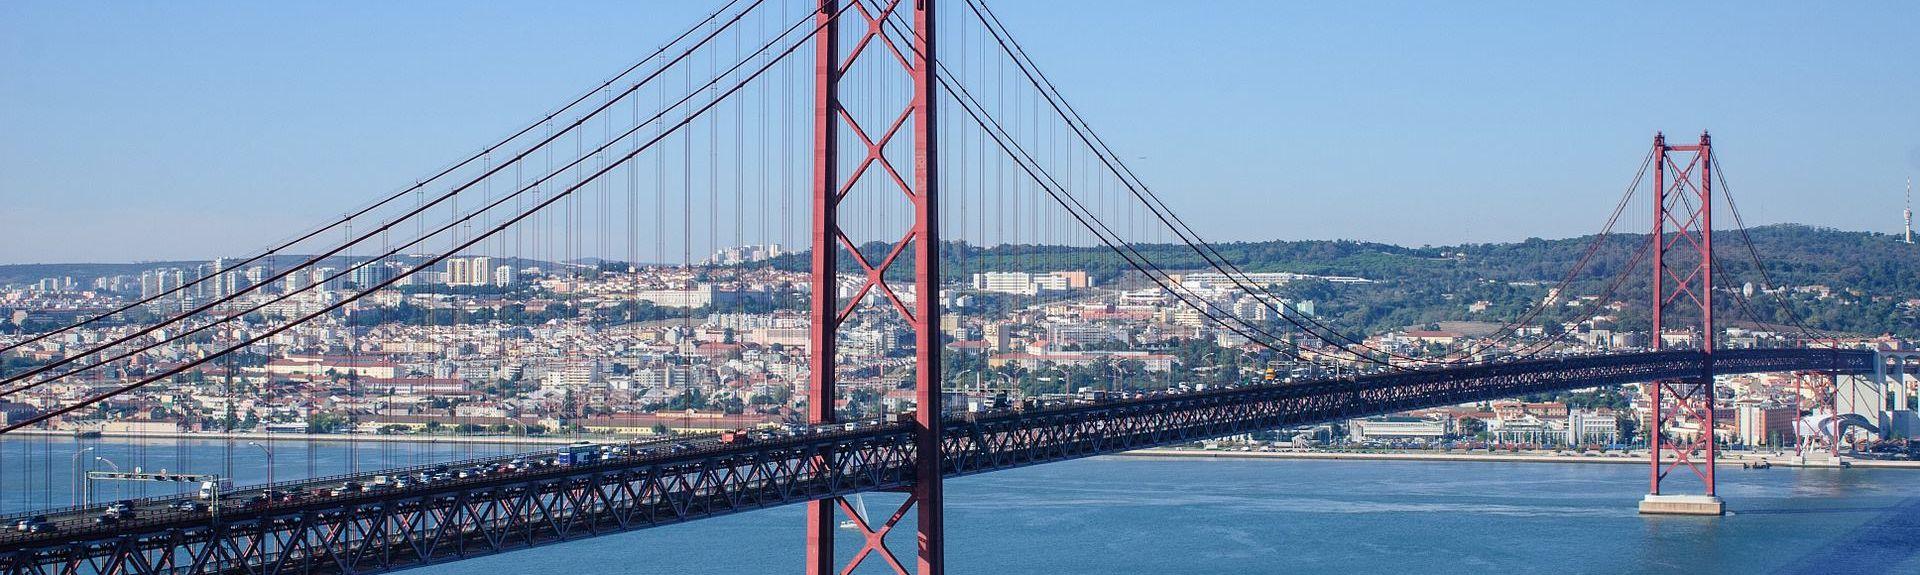 São Jorge de Arroios, Lizbona, Portugalia